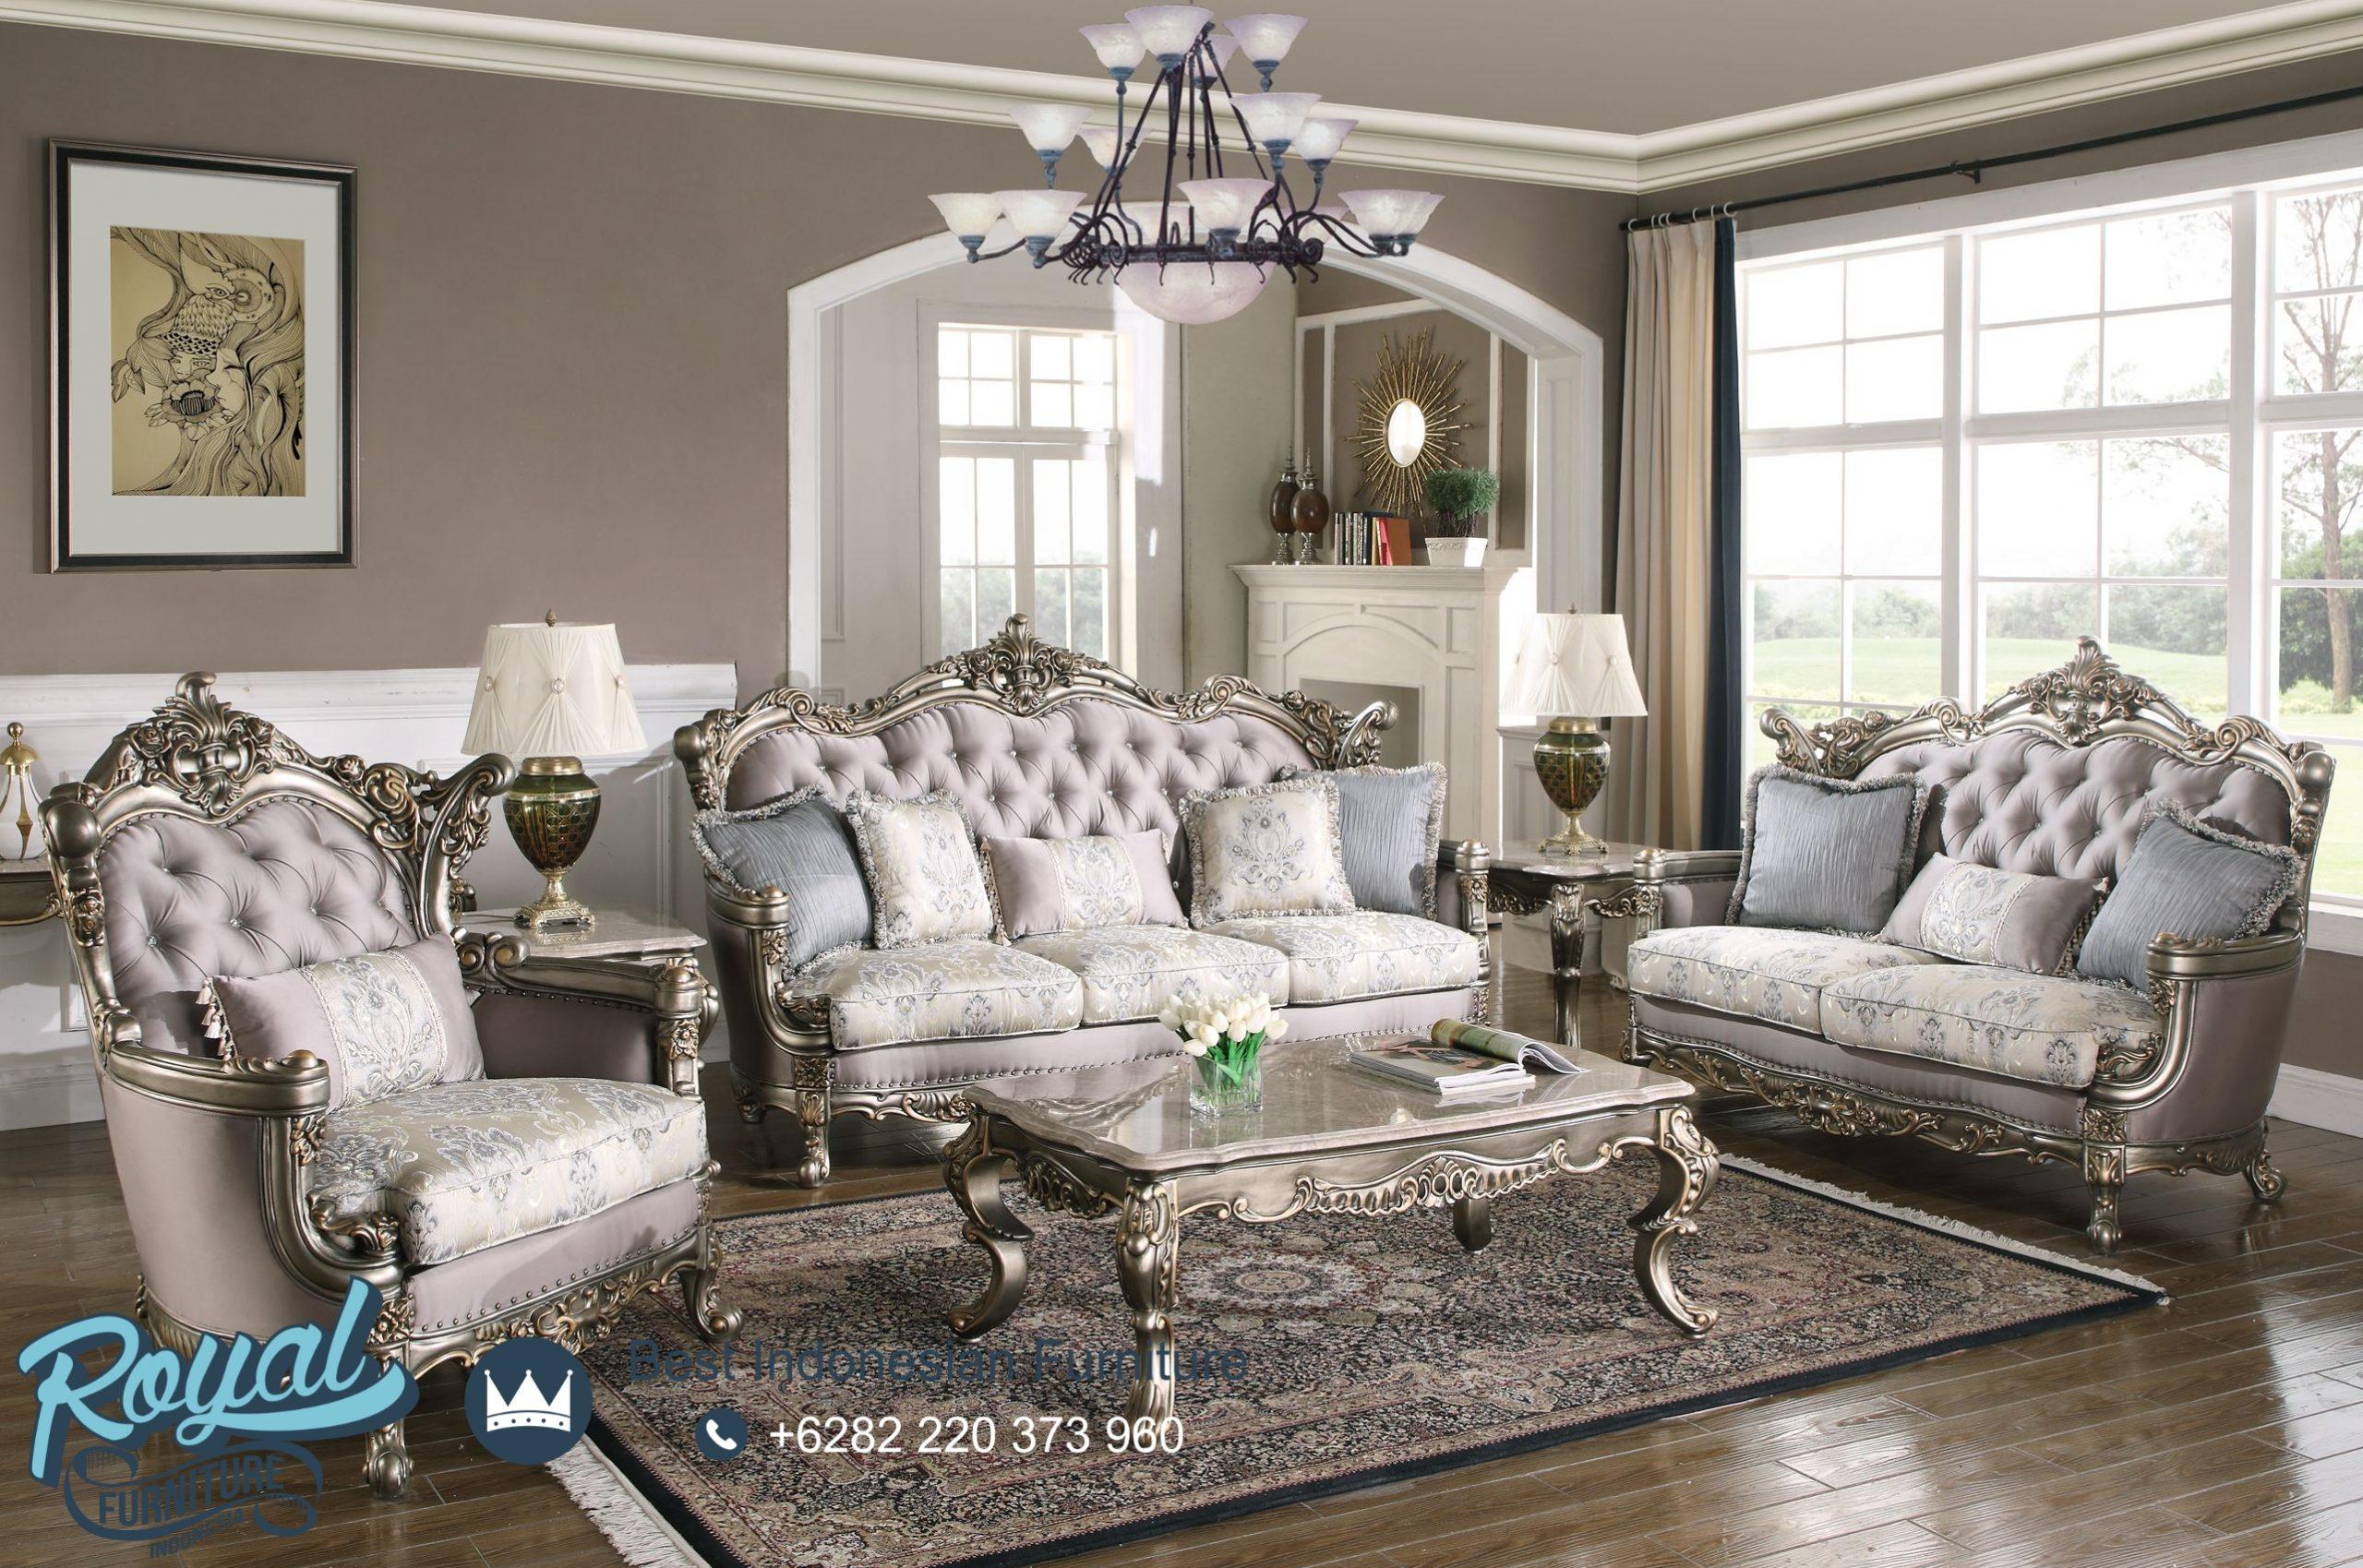 Sofa Tamu Mewah Champagne, harga sofa tamu klasik ukir jepara, sofa jati ukiran jepara, sofa tamu mewah terbaru, sofa mewah kulit asli, sofa mewah terbaru, model sofa mewah dan elegan, sofa mewah minimalis terbaru, kursi tamu mewah kualitas terbaik, sofa mewah klasik, sofa tamu mewah ukiran, sofa ruang tamu mewah dan luas, sofa ruang tamu mewah modern, kursi sofa tamu mewah, sofa tamu minimalis mewah, set sofa tamu mewah klasik, kursi tamu klasik minimalis, kursi klasik jawa, sofa klasik mewah, kursi kayu klasik modern, sofa klasik modern, sofa klasik minimalis, model sofa klasik modern, gambar sofa tamu jati klasik jepara, jual sofa jati klasik ukiran jepara, desain sofa ruang tamu klasik eropa, toko mebel jepara, royal furniture indonesia